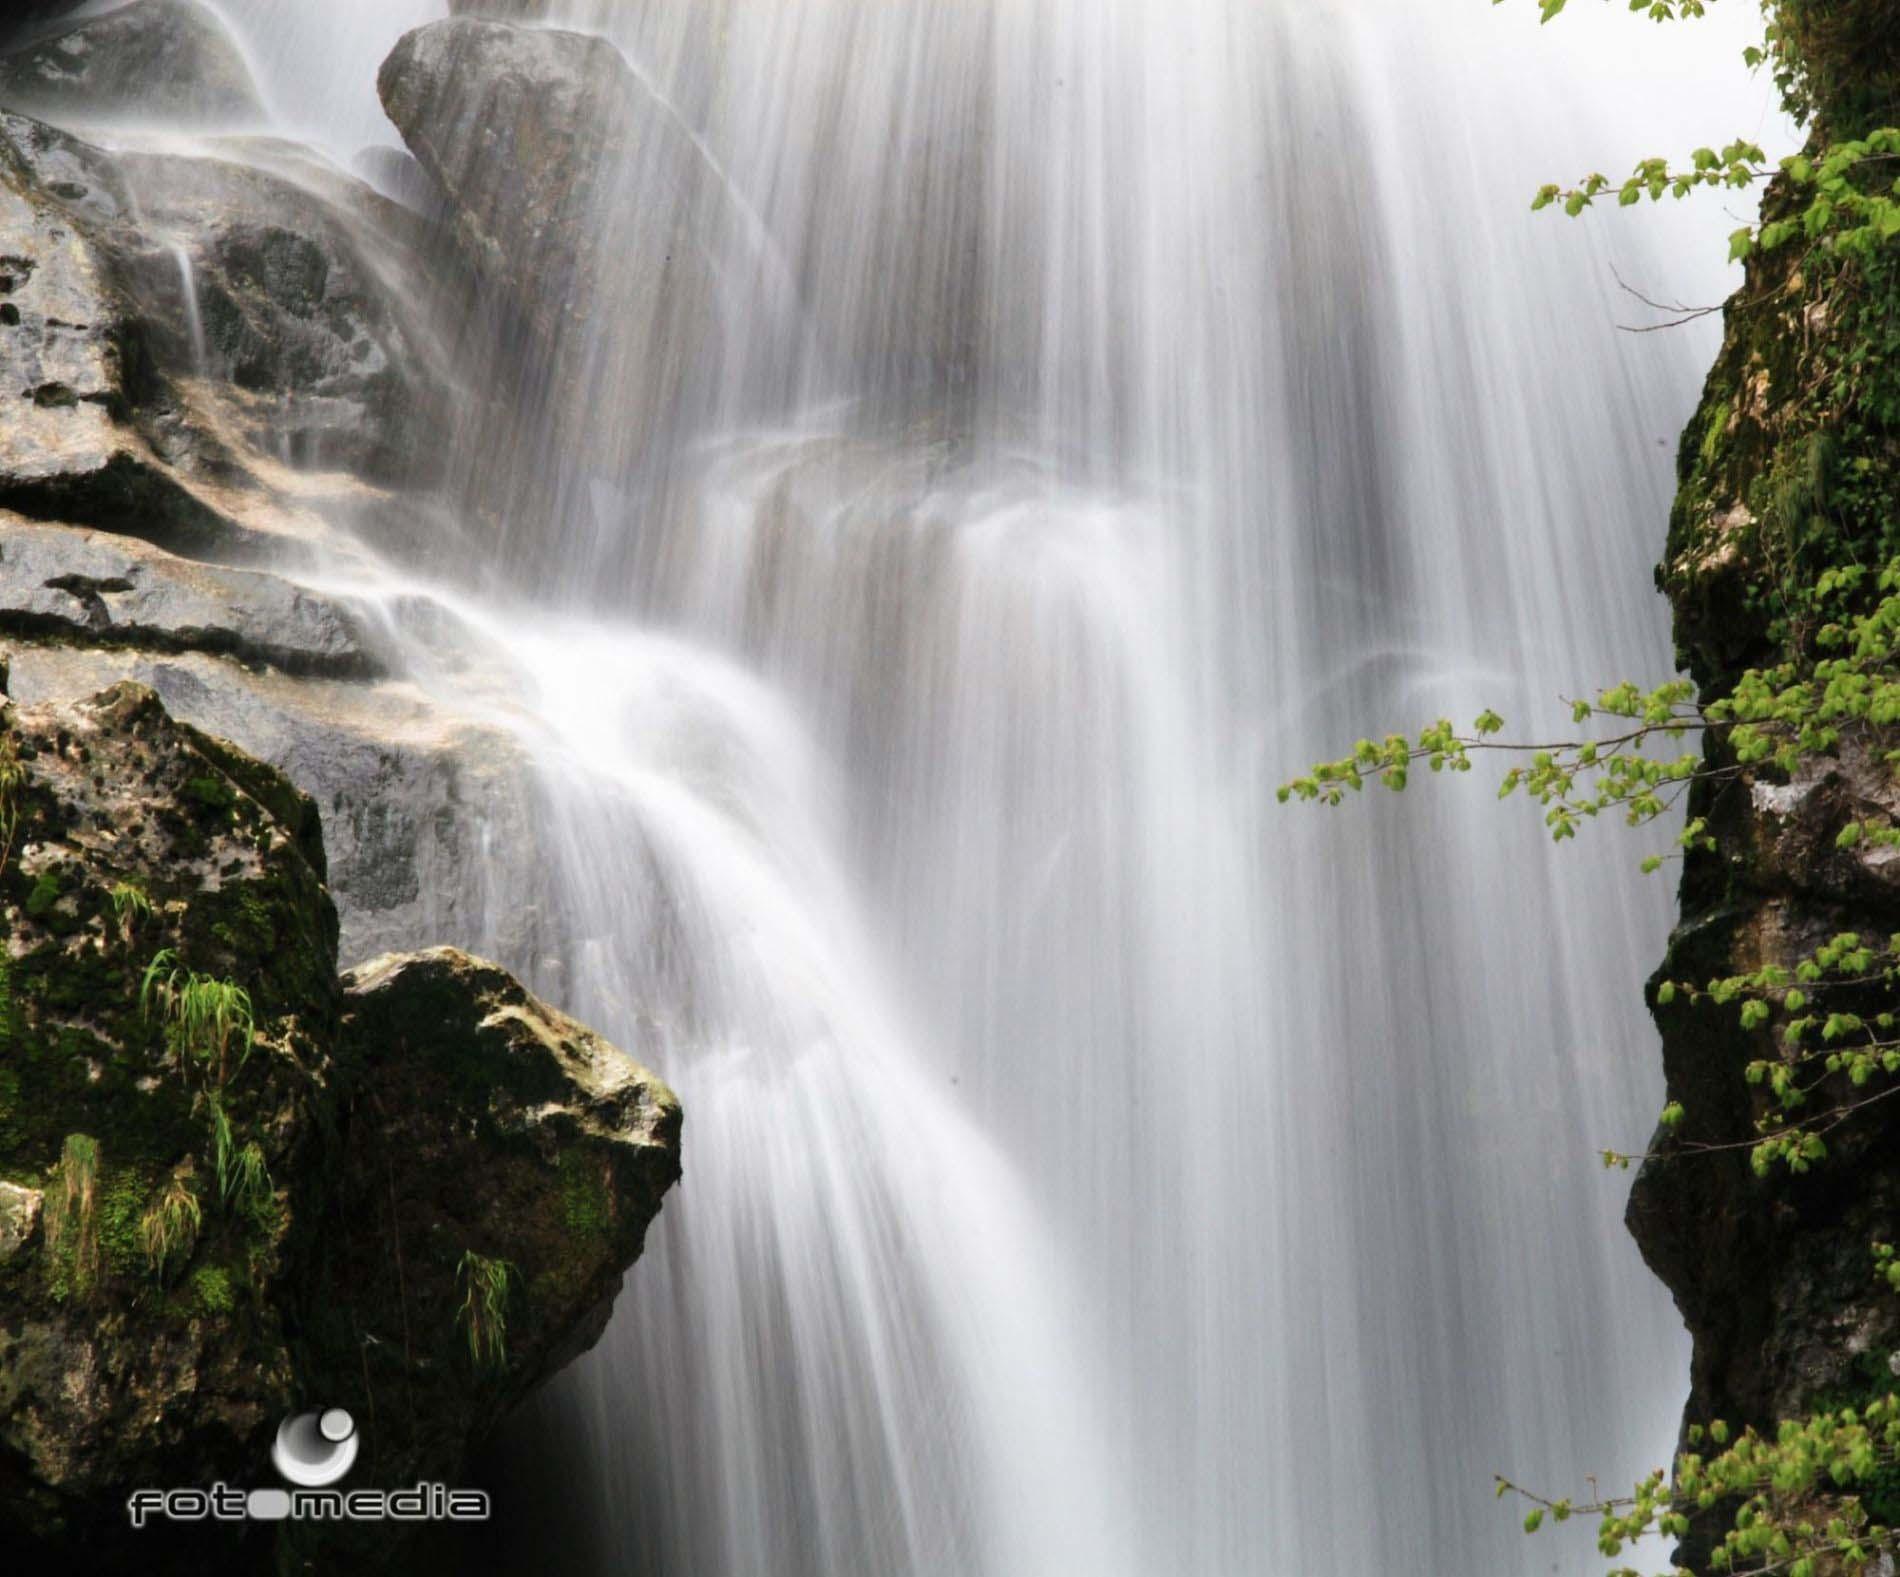 Curso de chakras alamo dorado 39 s blog for Cascada par